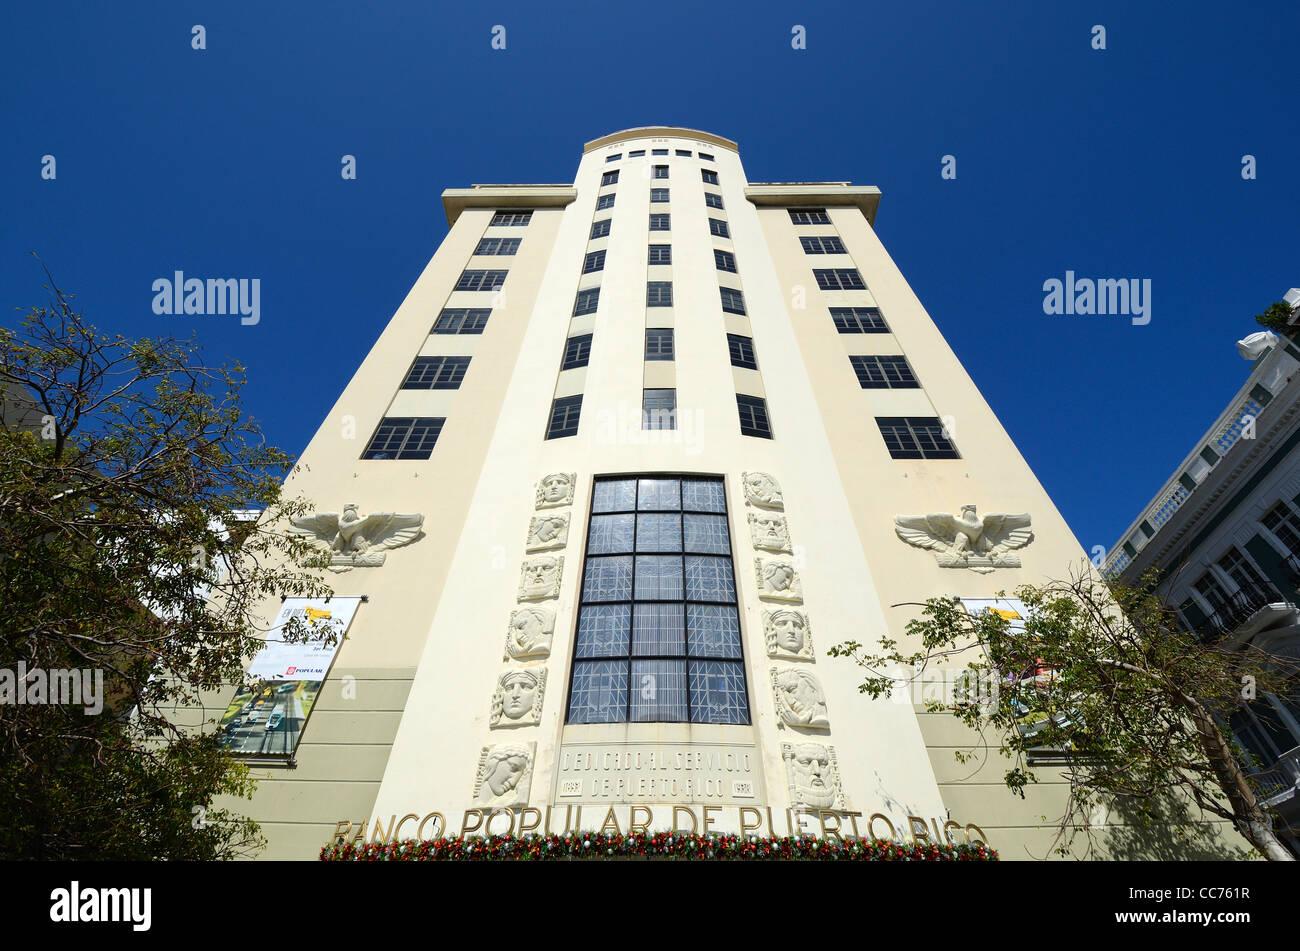 Banco Popular De Puerto Rico in San Juan, Puerto Rico. - Stock Image